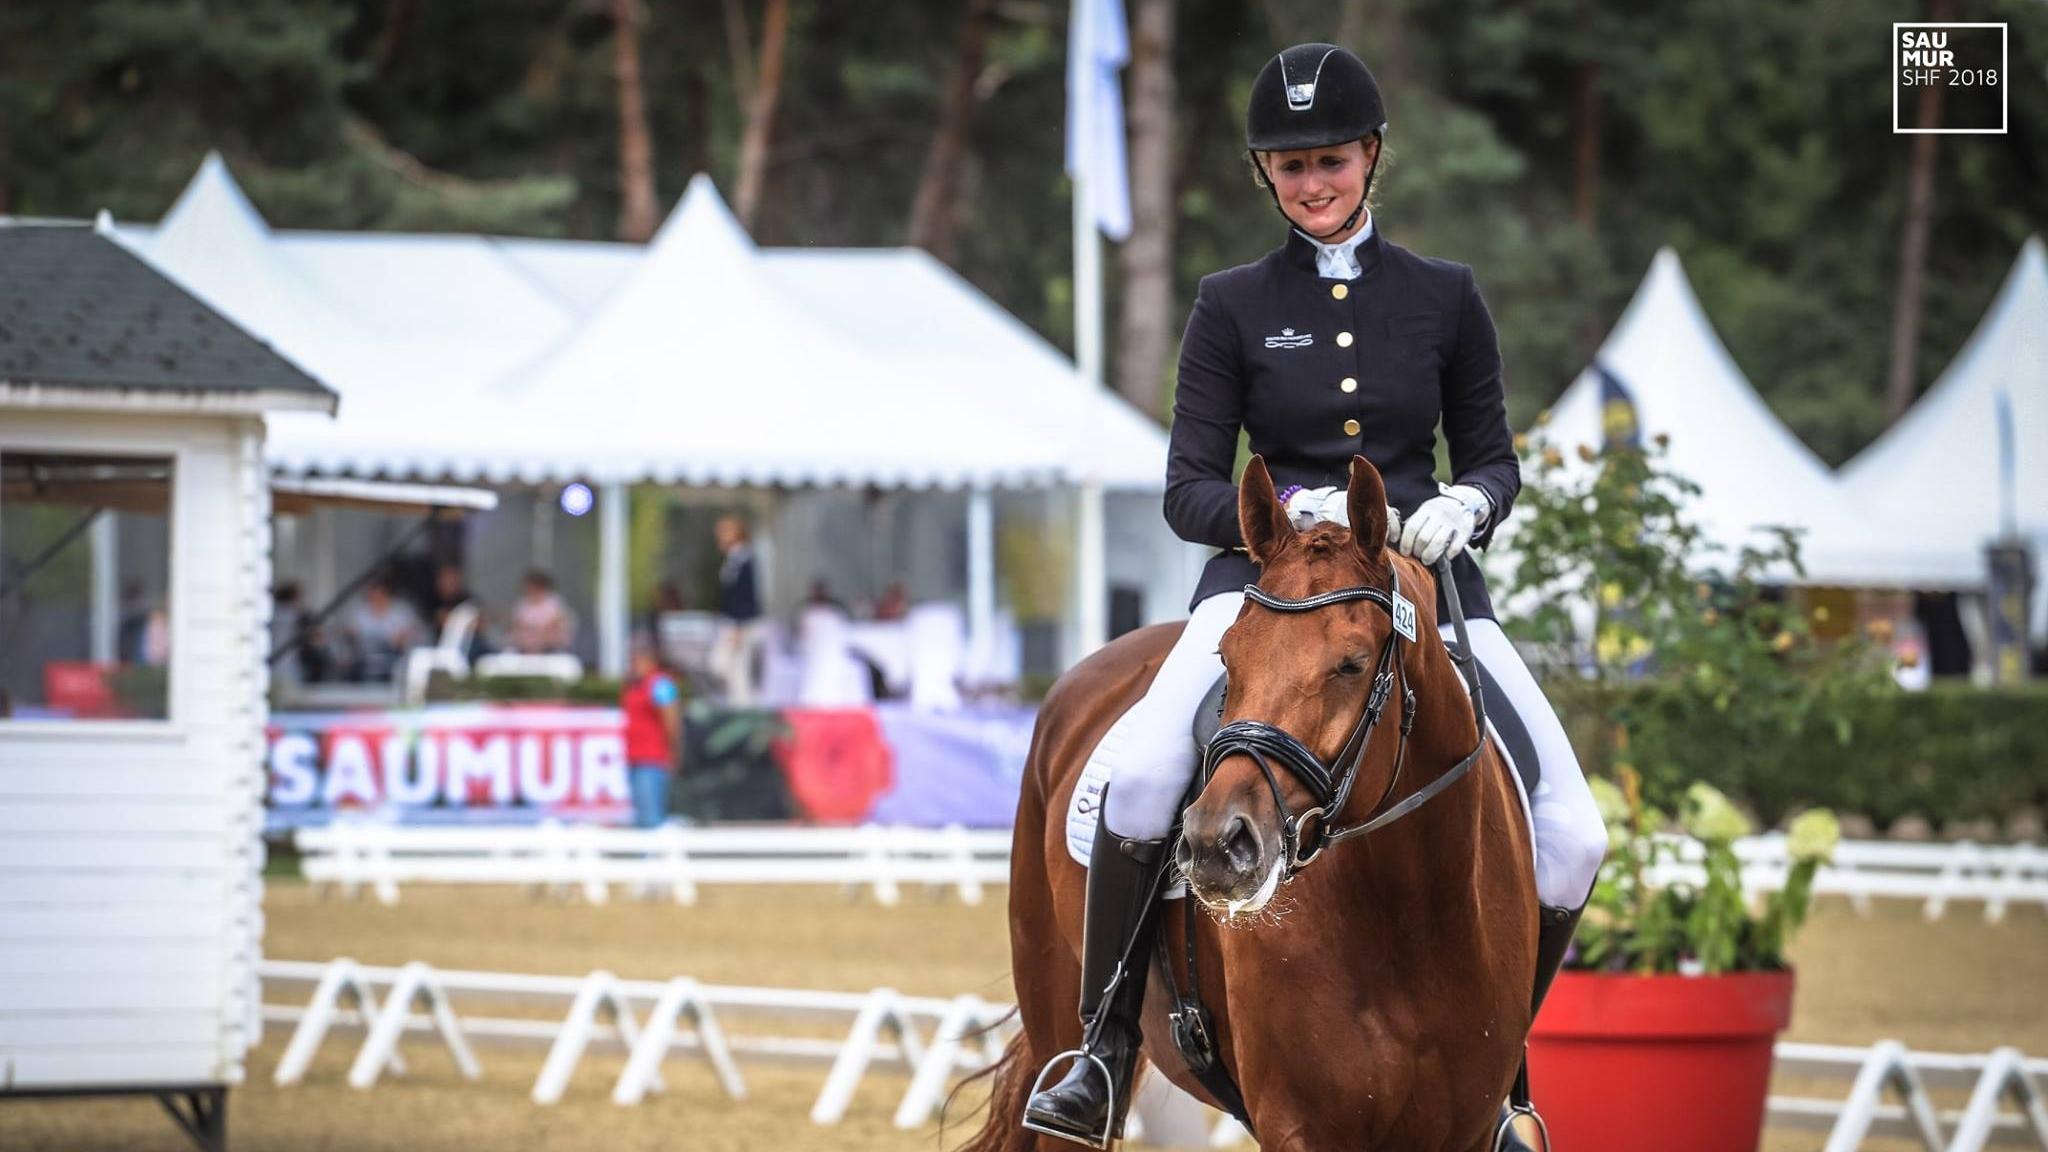 Saumur 2019 : Engagements et Réservation de boxes